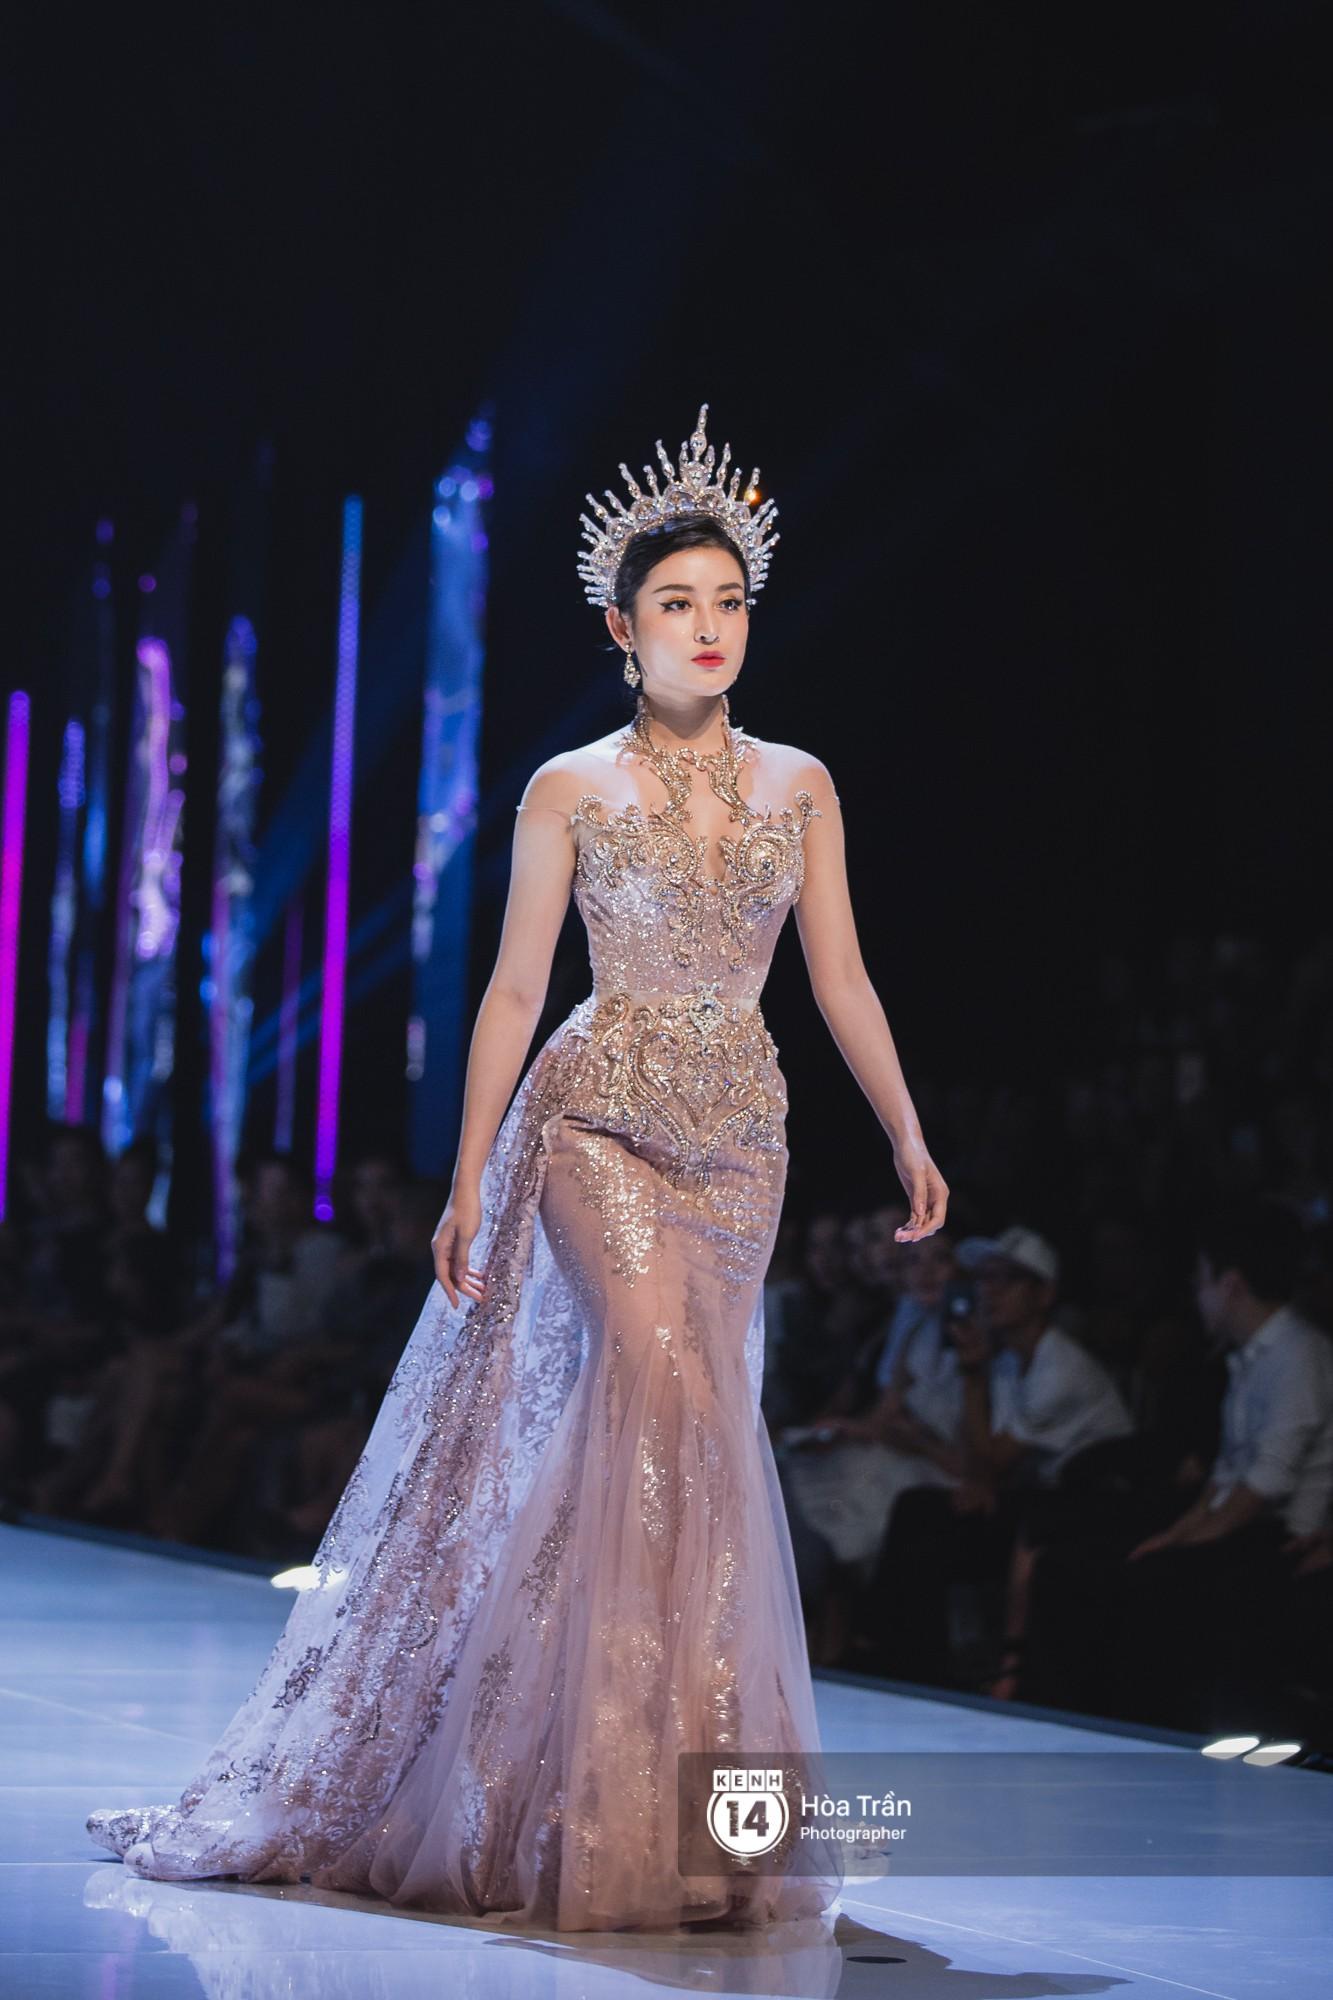 Tiểu Vy tự tin đảm nhận vị thế vedette, chẳng yếu thế chút nào khi sánh đôi bên dàn Hoa hậu đàn chị - Ảnh 7.